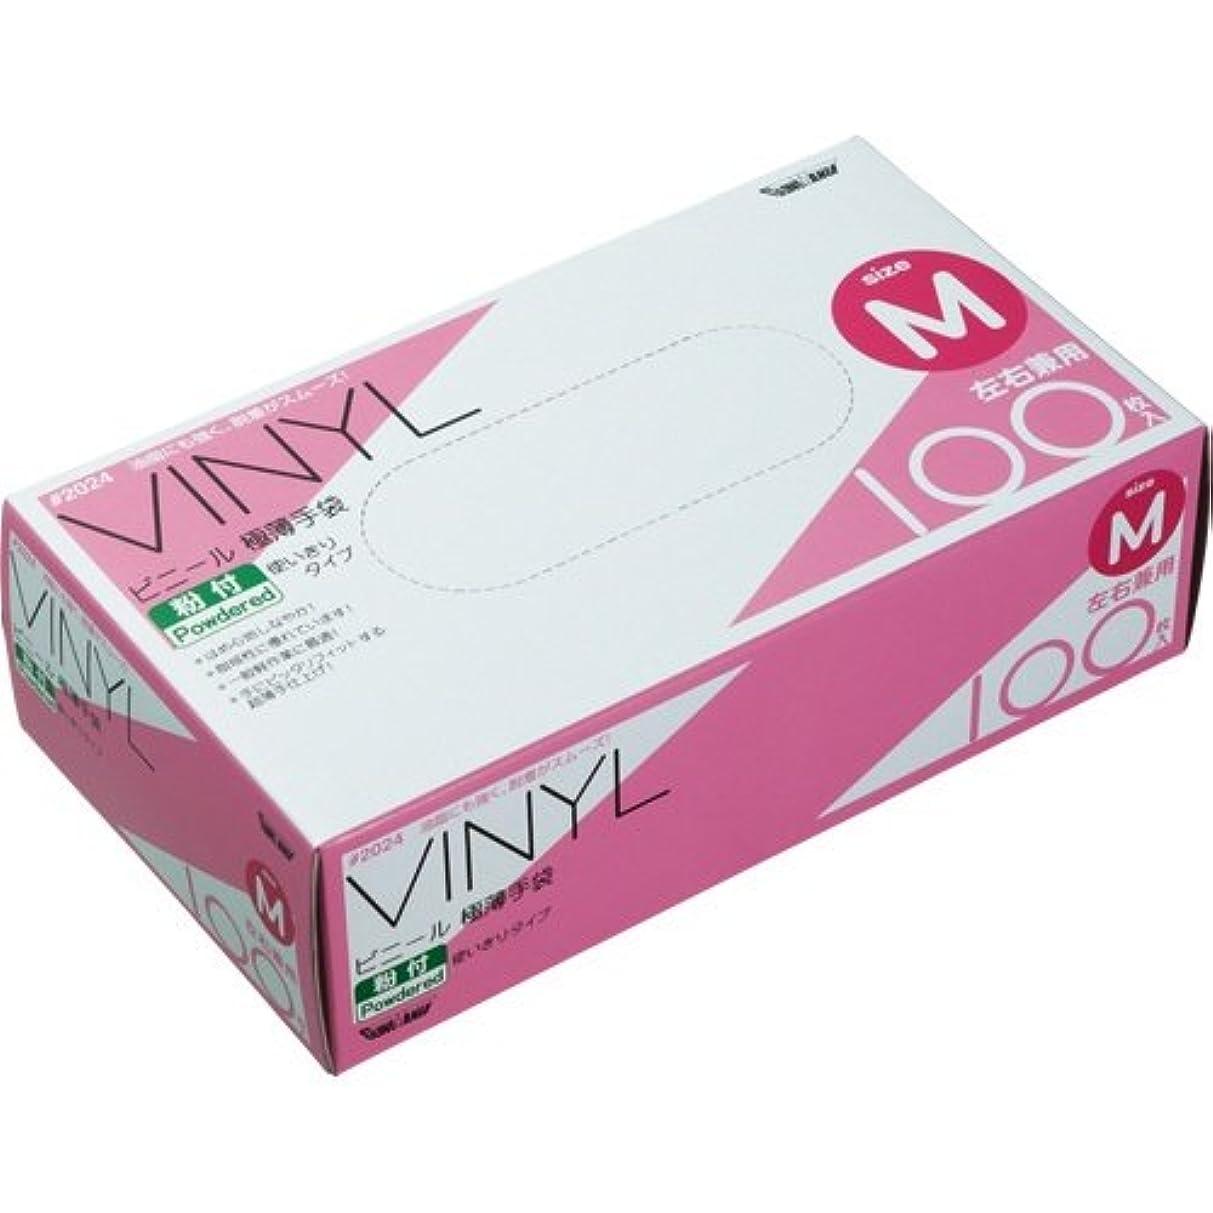 イブニング制裁書く川西工業 ビニール極薄手袋 粉付 M #2024 1セット(2000枚:100枚×20箱)